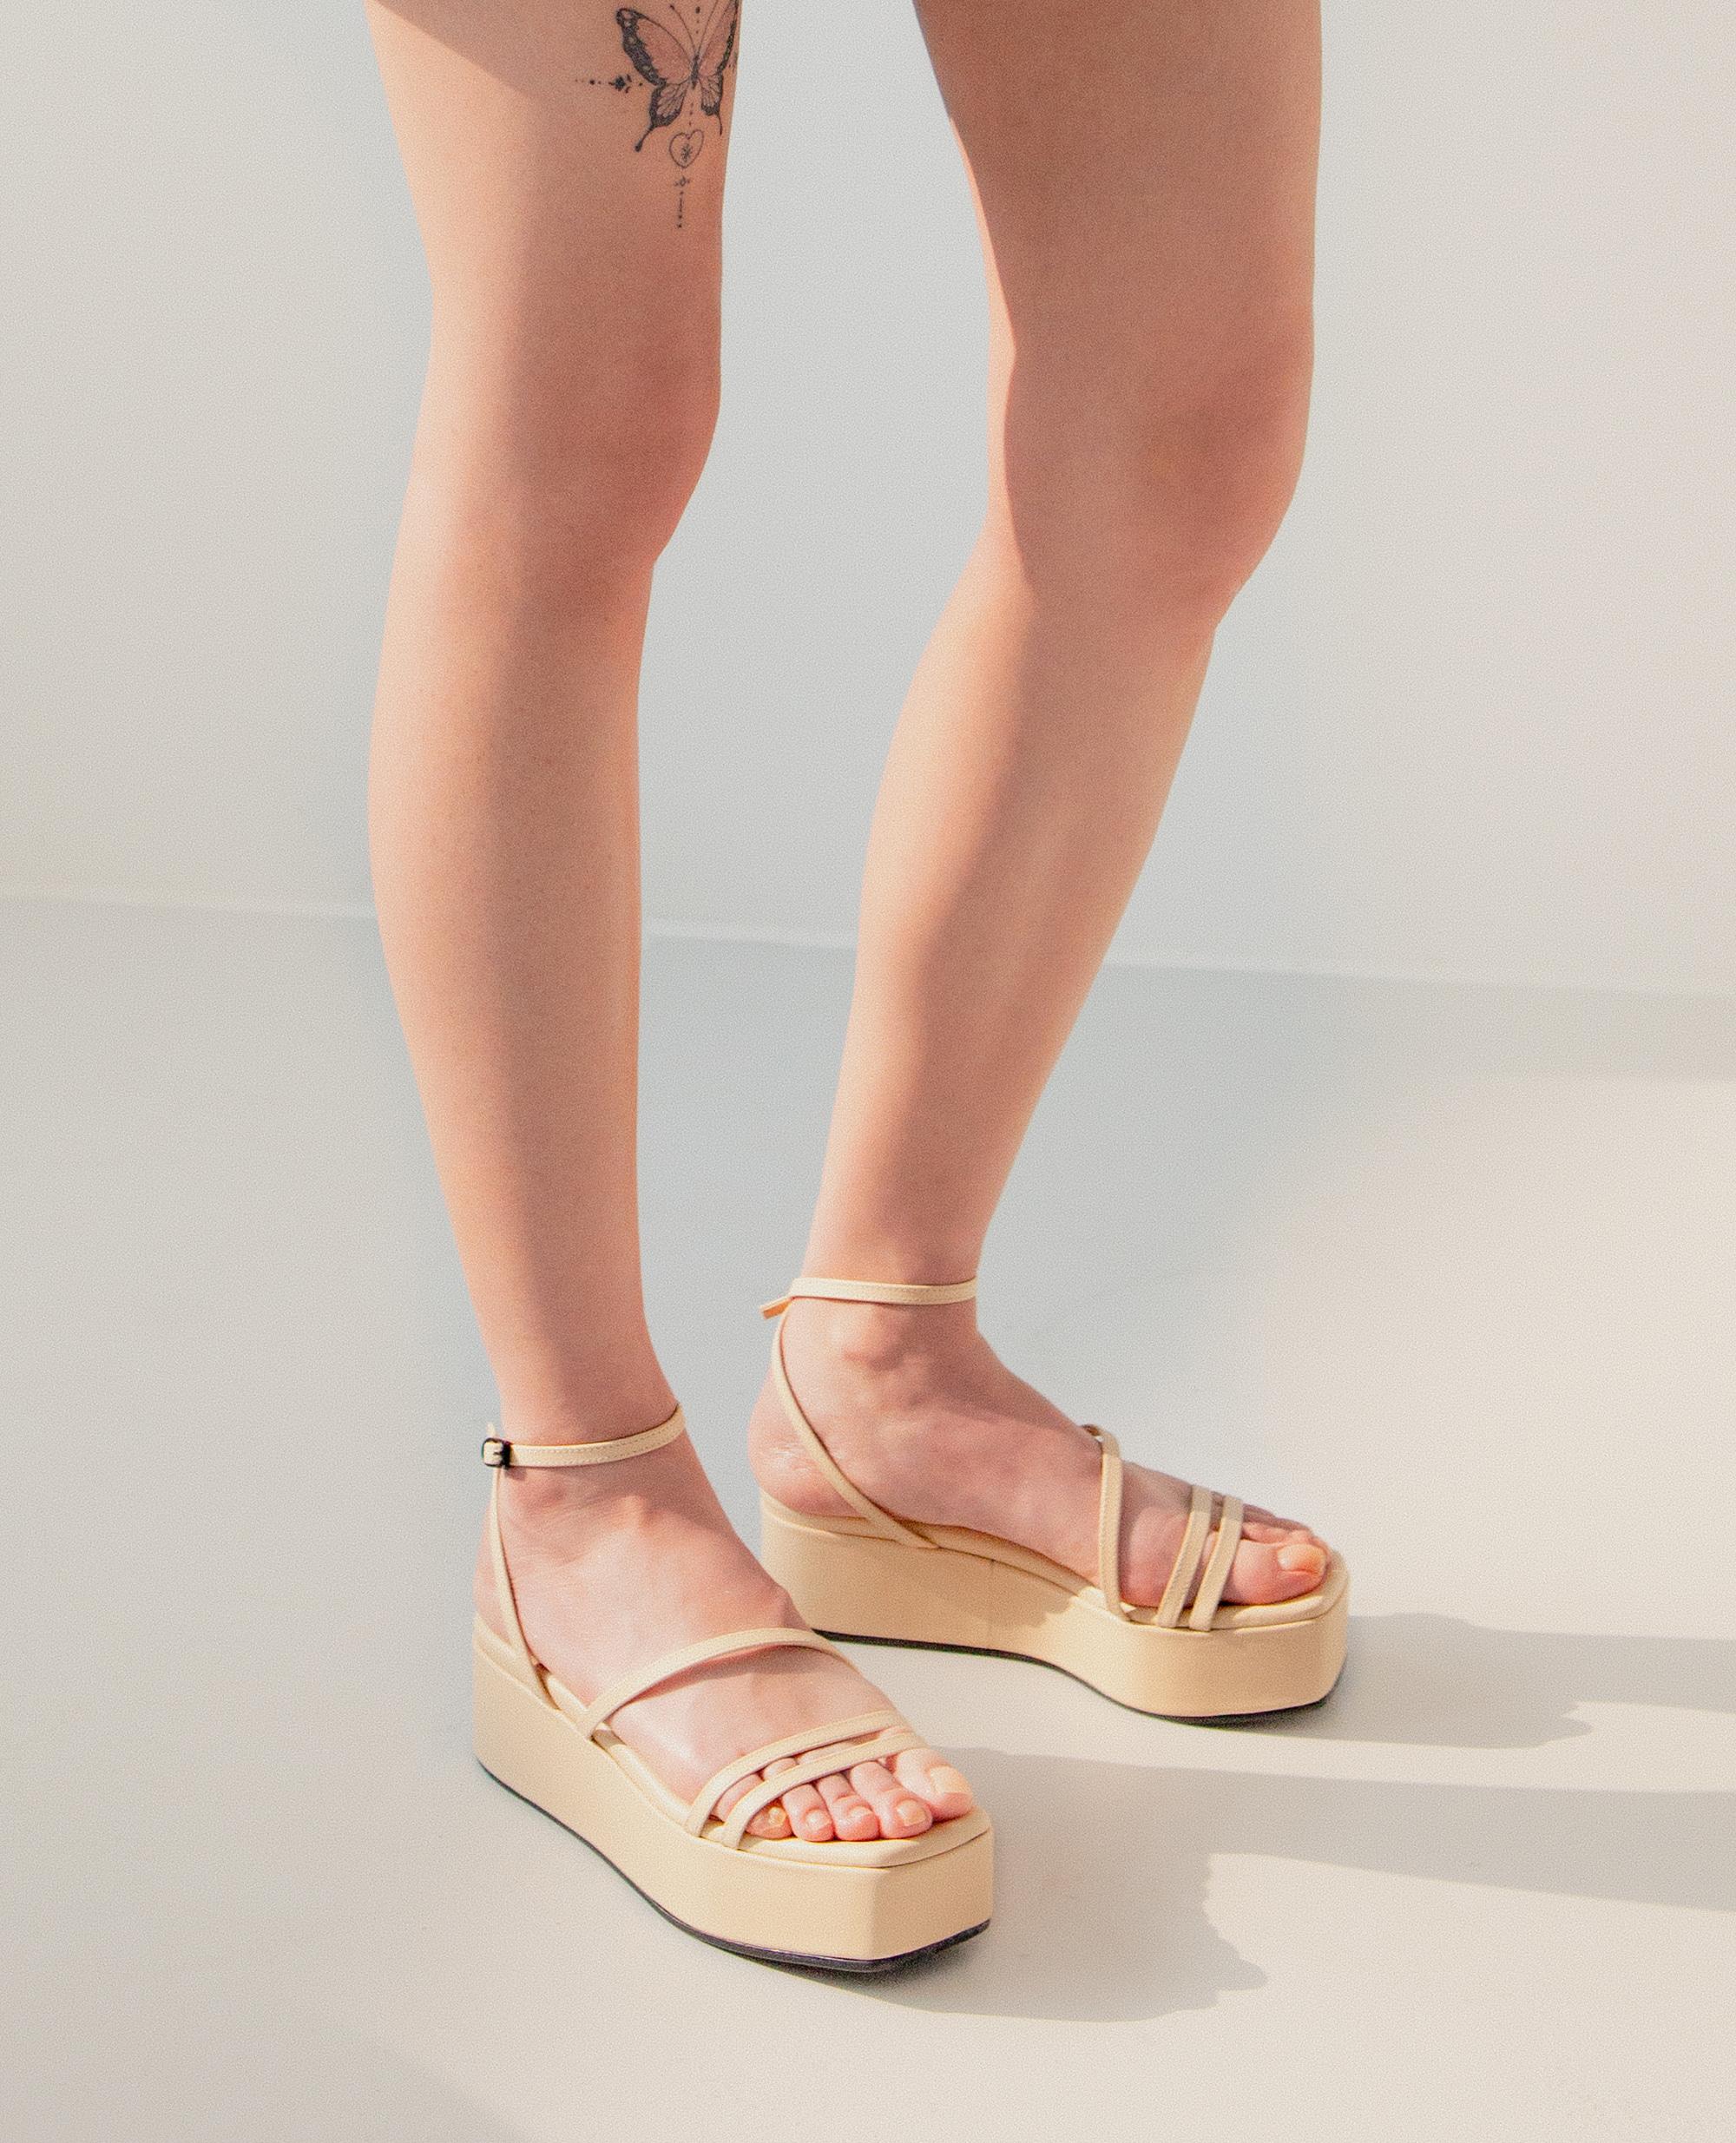 플랫아파트먼트써클, 플랫아파트먼트서클, 플랫폼슈즈, 통굽신발, 통굽샌들, 플랫폼샌들, 샌들, flatapartmentcircle, flat apartment circle, platform shoes, platform sandals